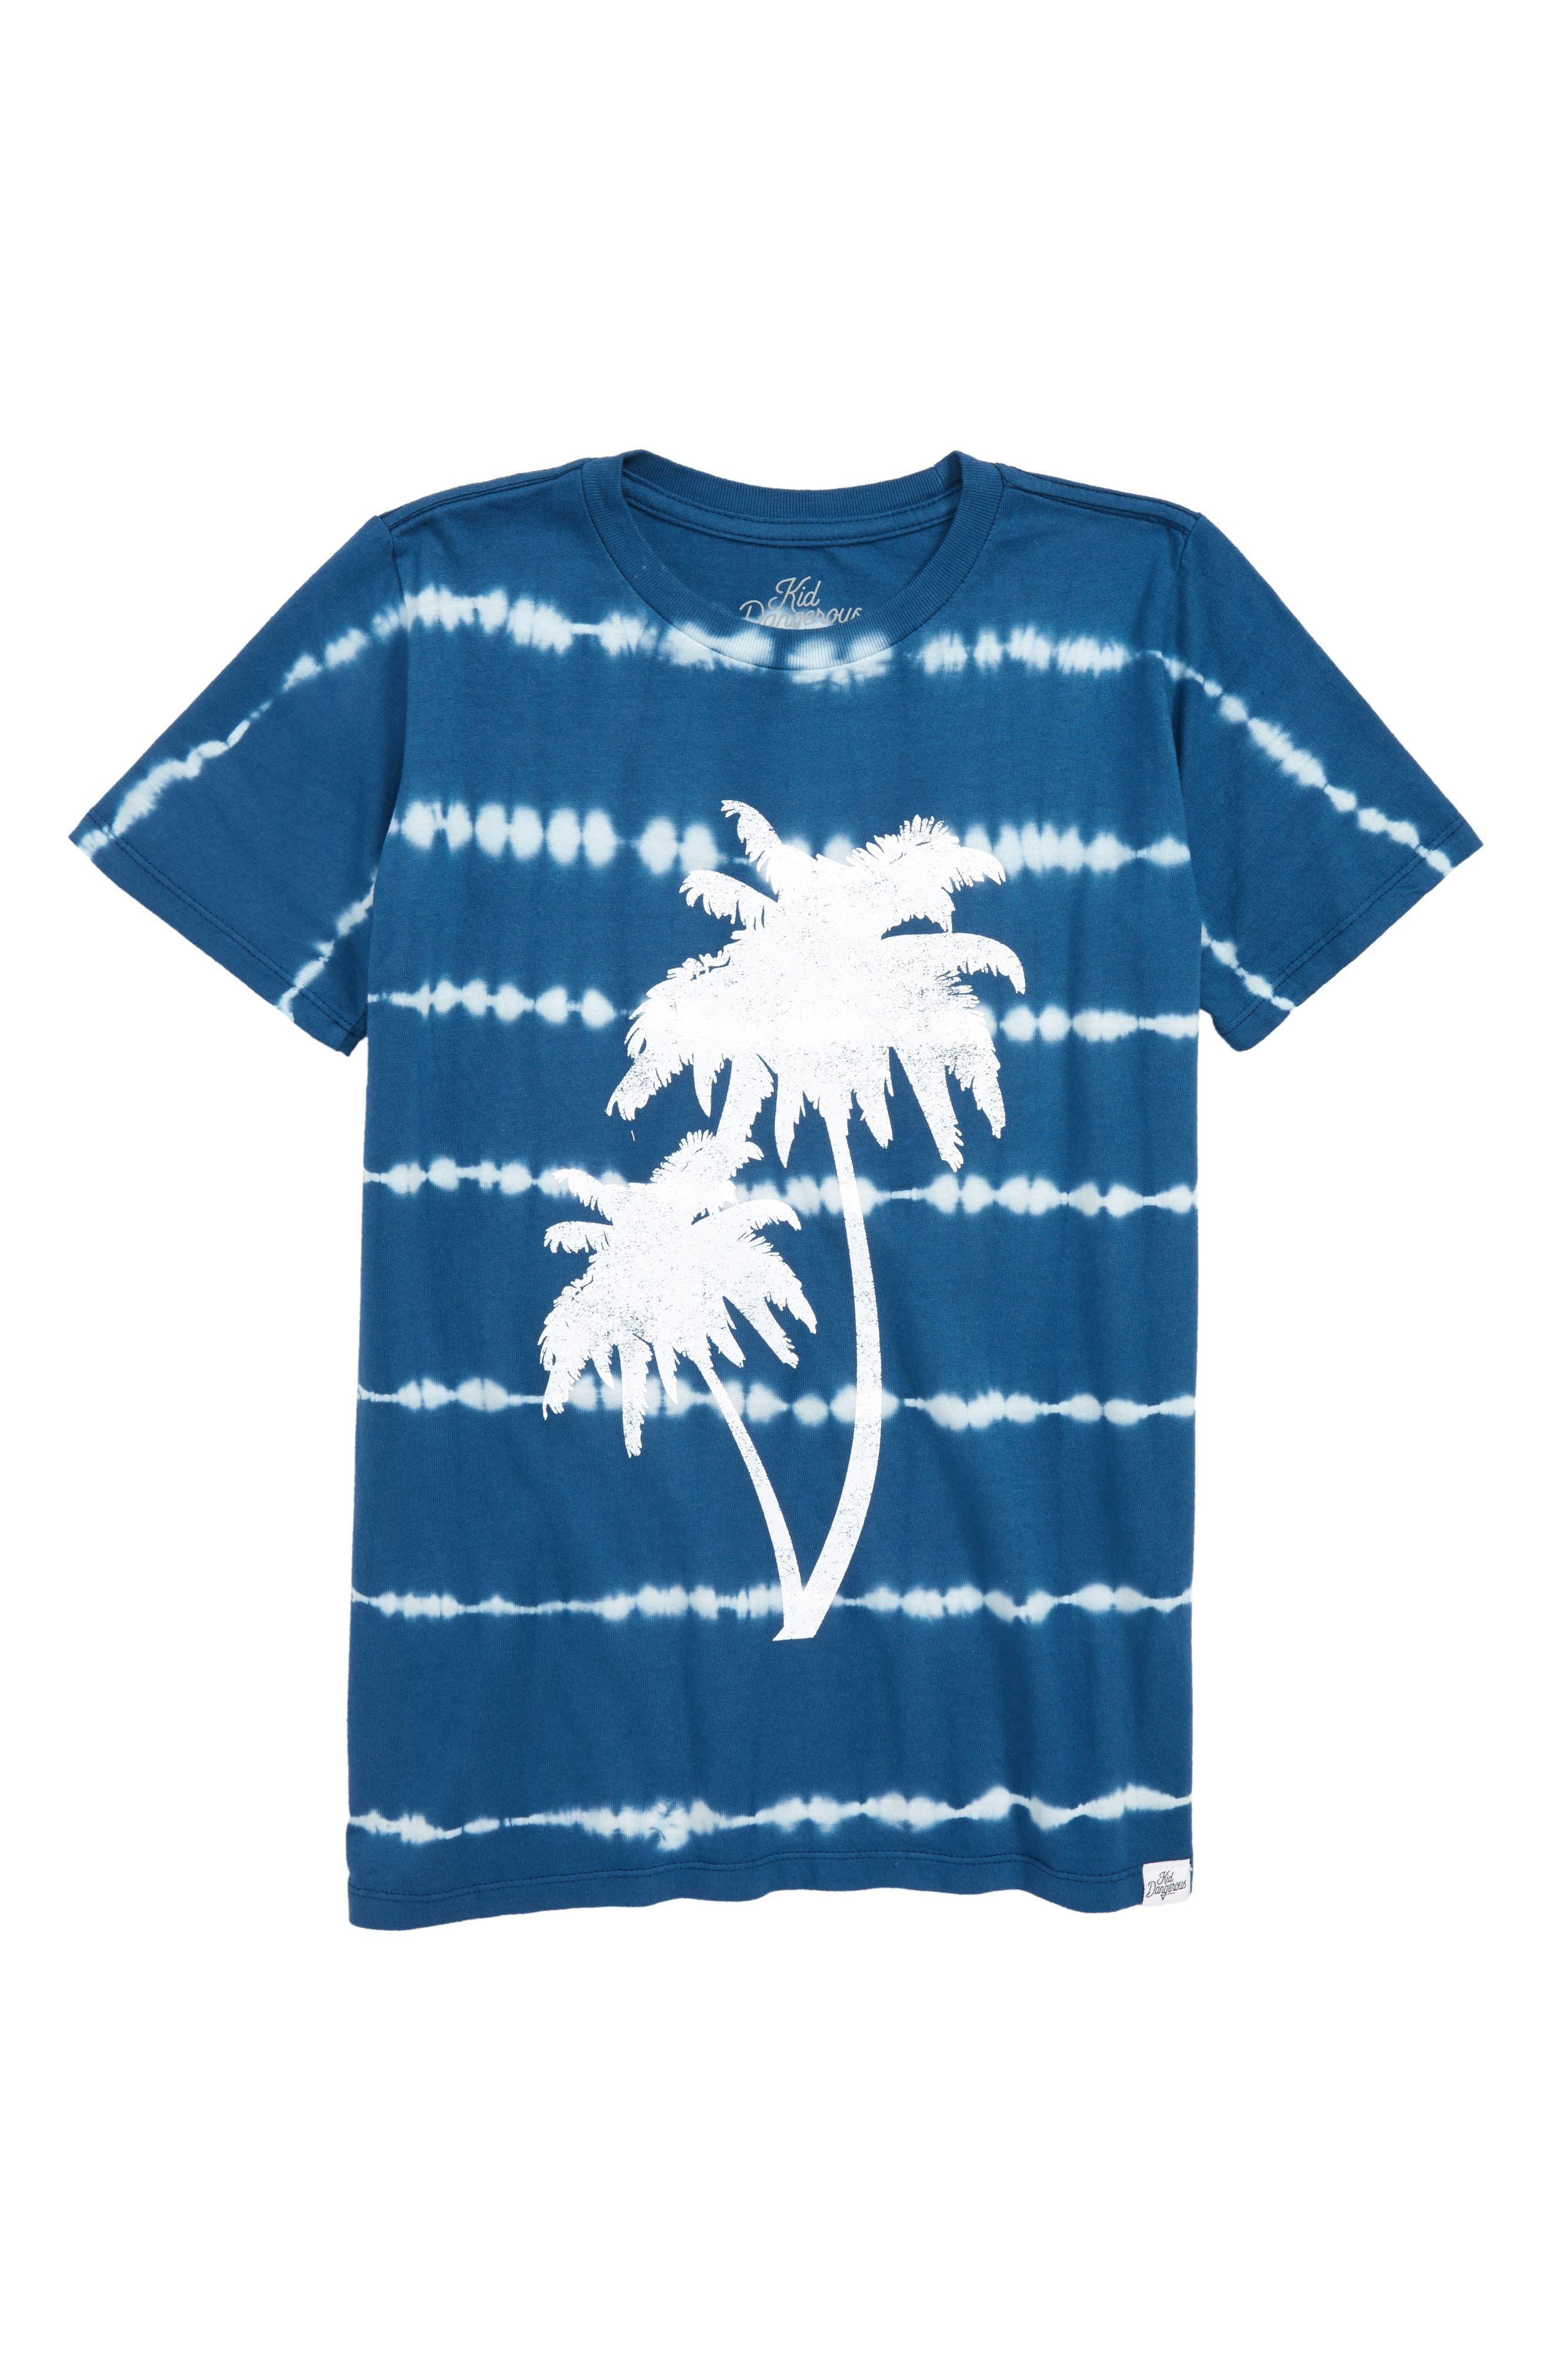 Palm Trees T-Shirt,                             Main thumbnail 1, color,                             Navy